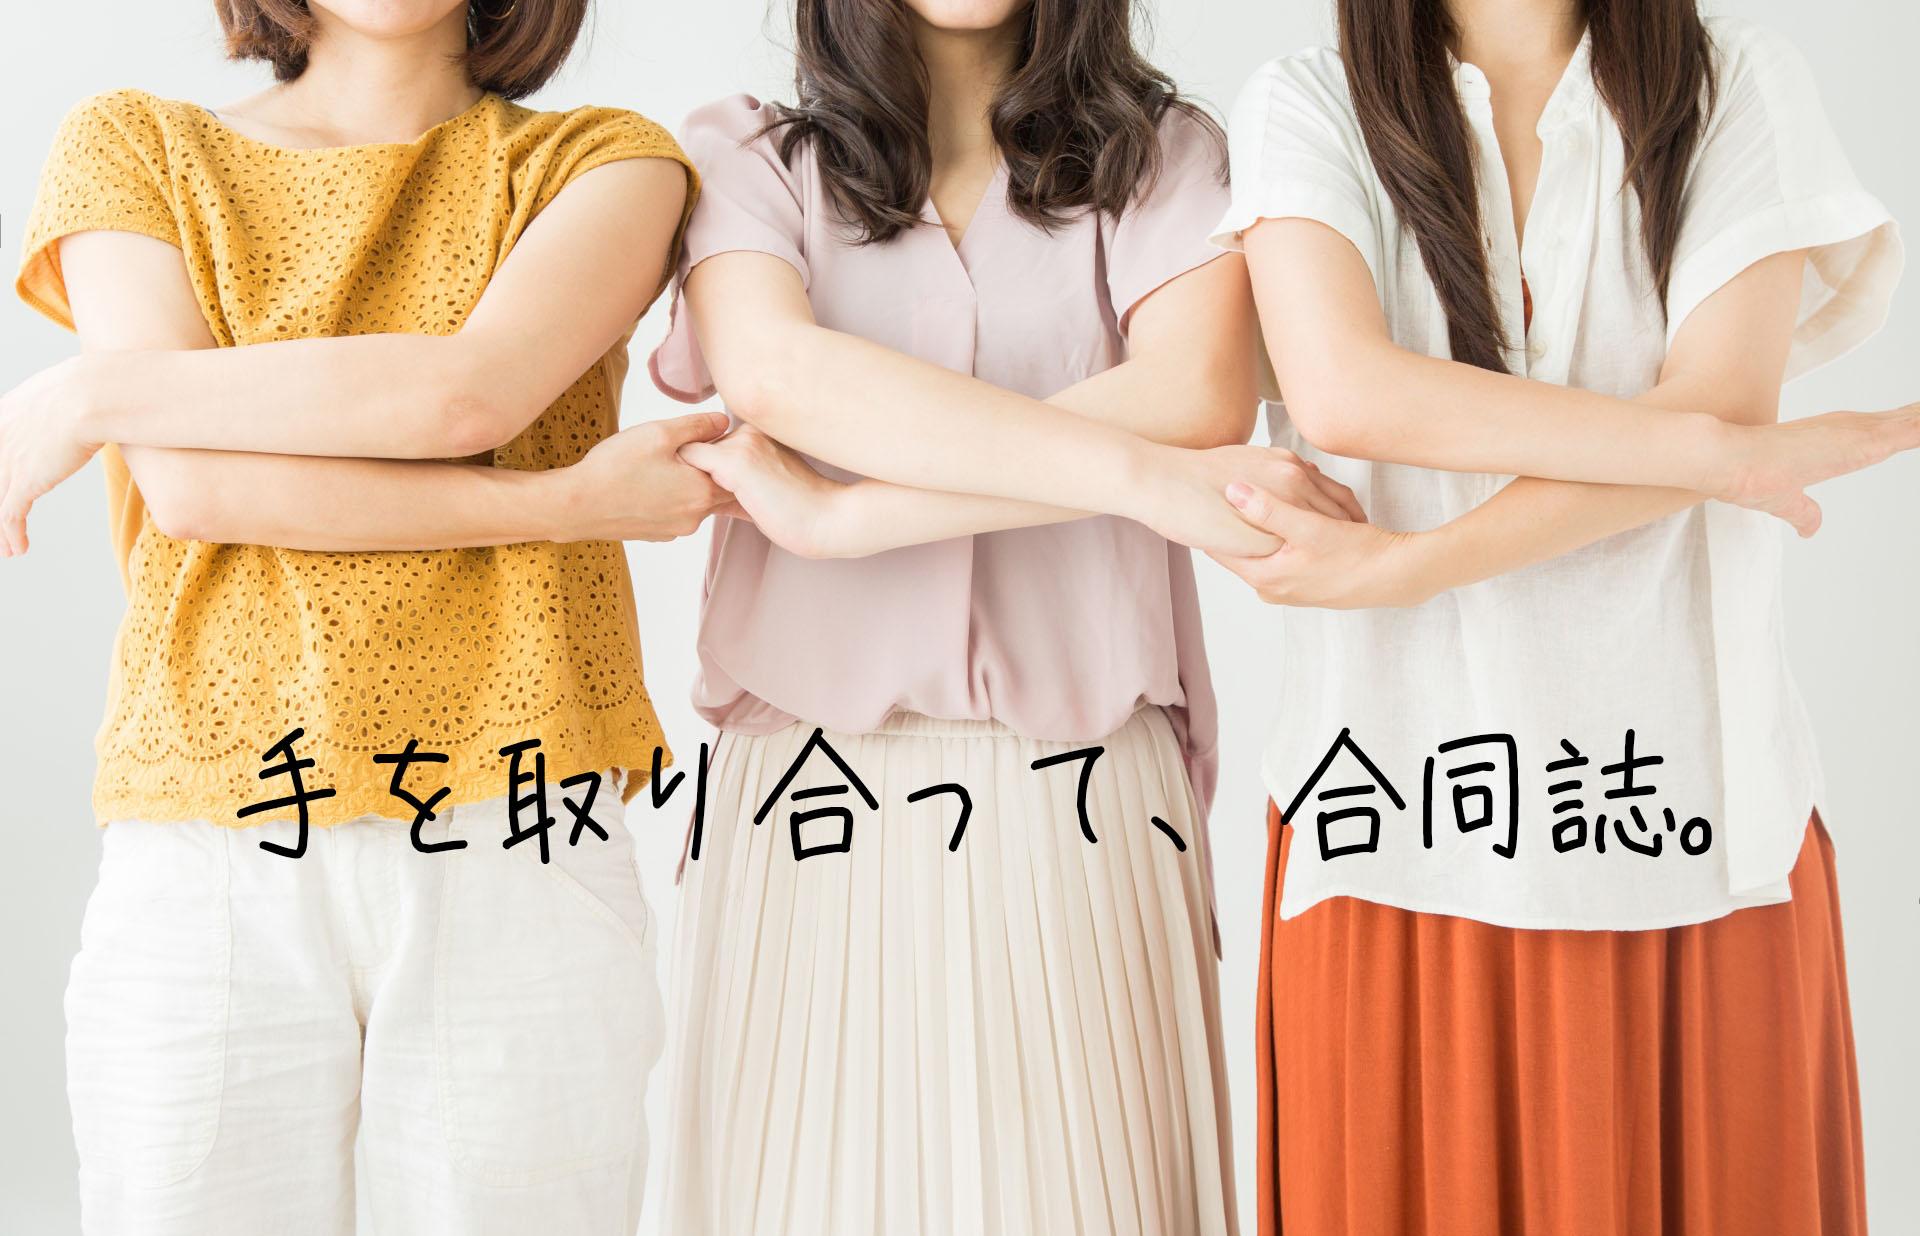 合同で同人誌を作るときの注意点!大阪の印刷所がご紹介します!